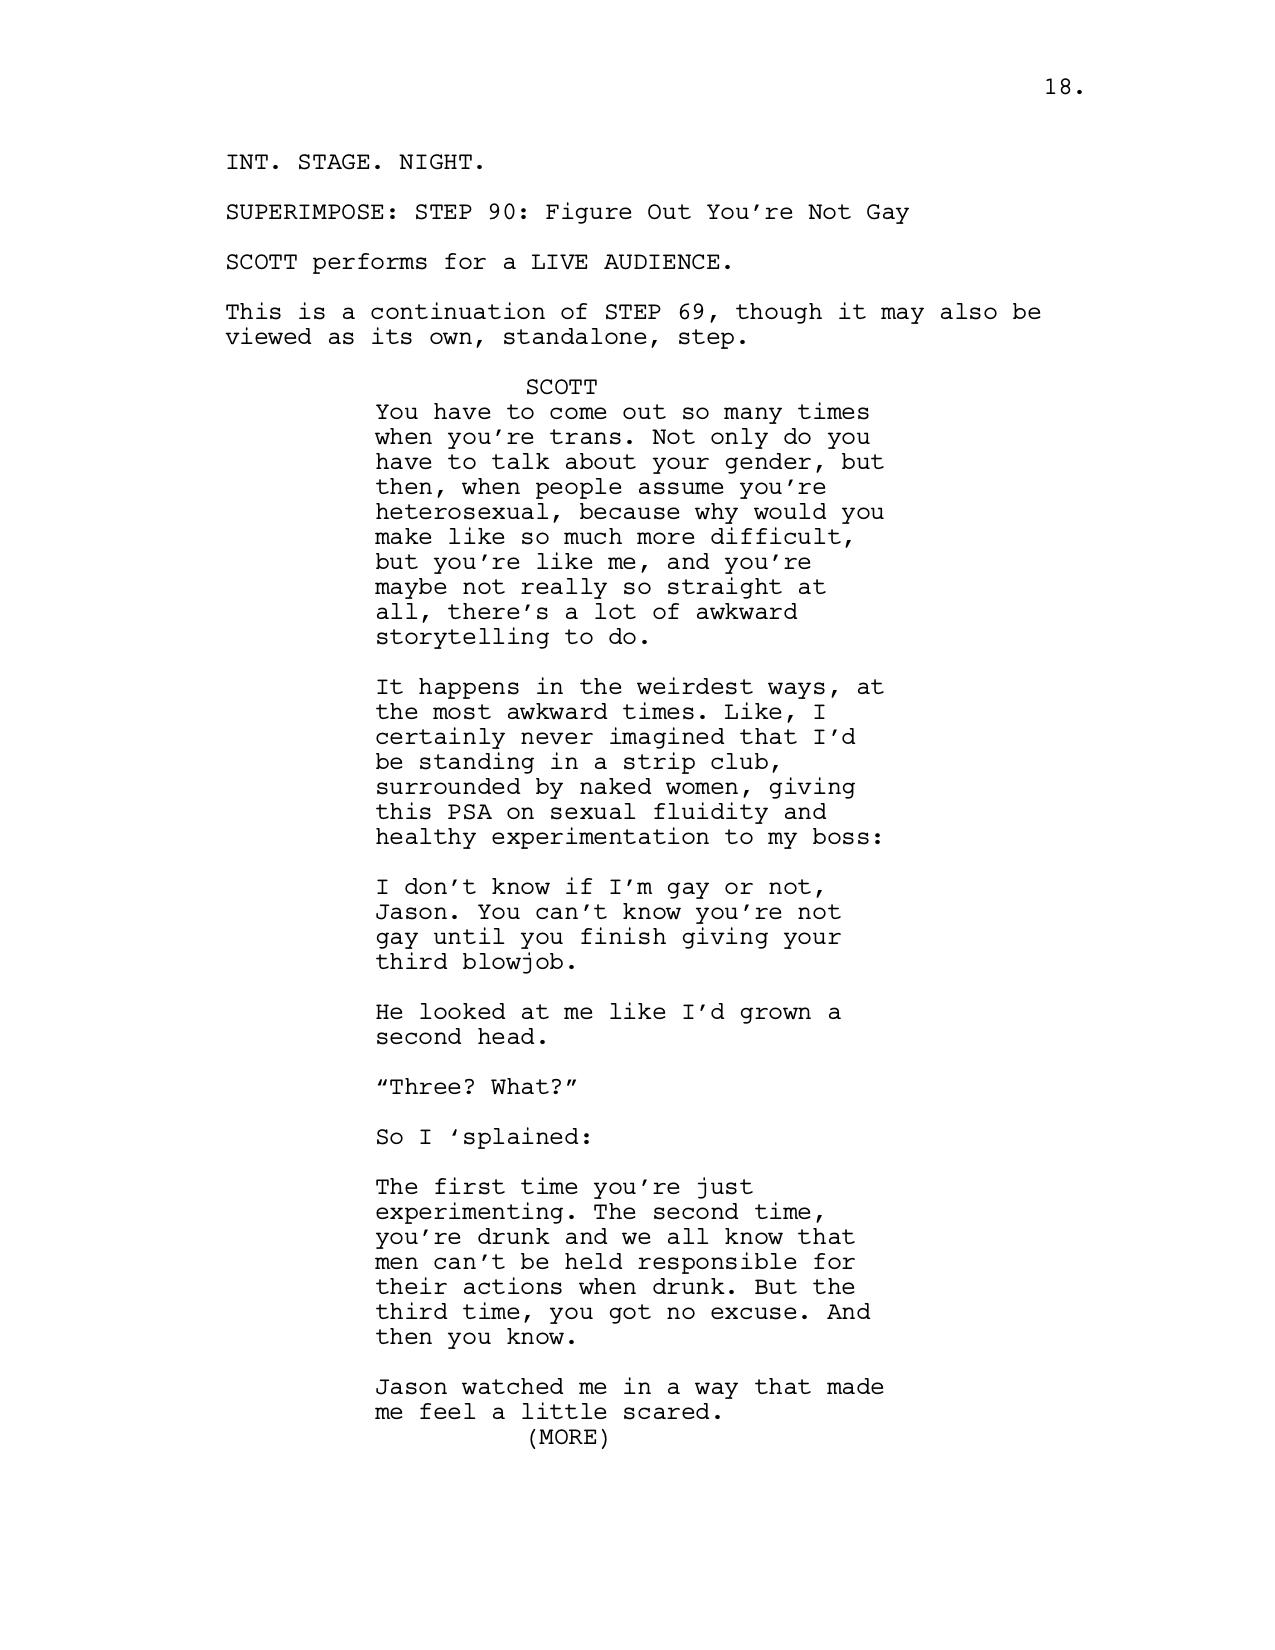 pg 18.jpg